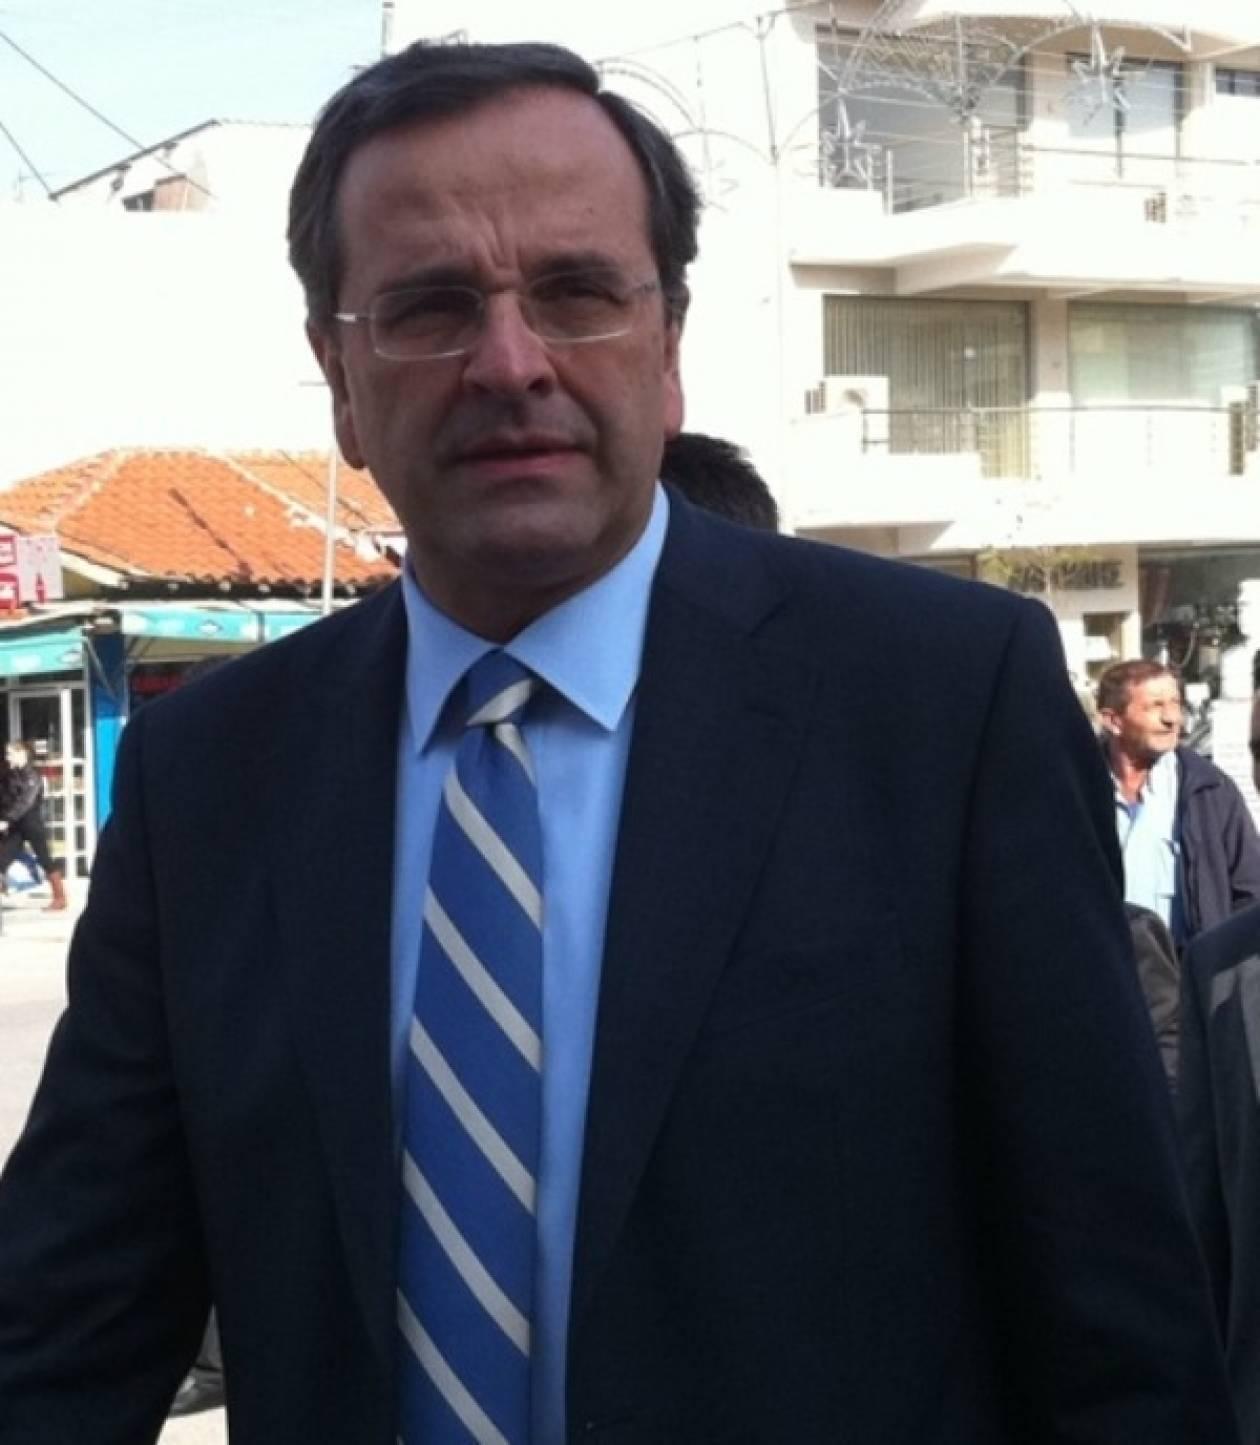 Α. Σαμαράς: Πάνω απ' όλα το συμφέρον της πατρίδας